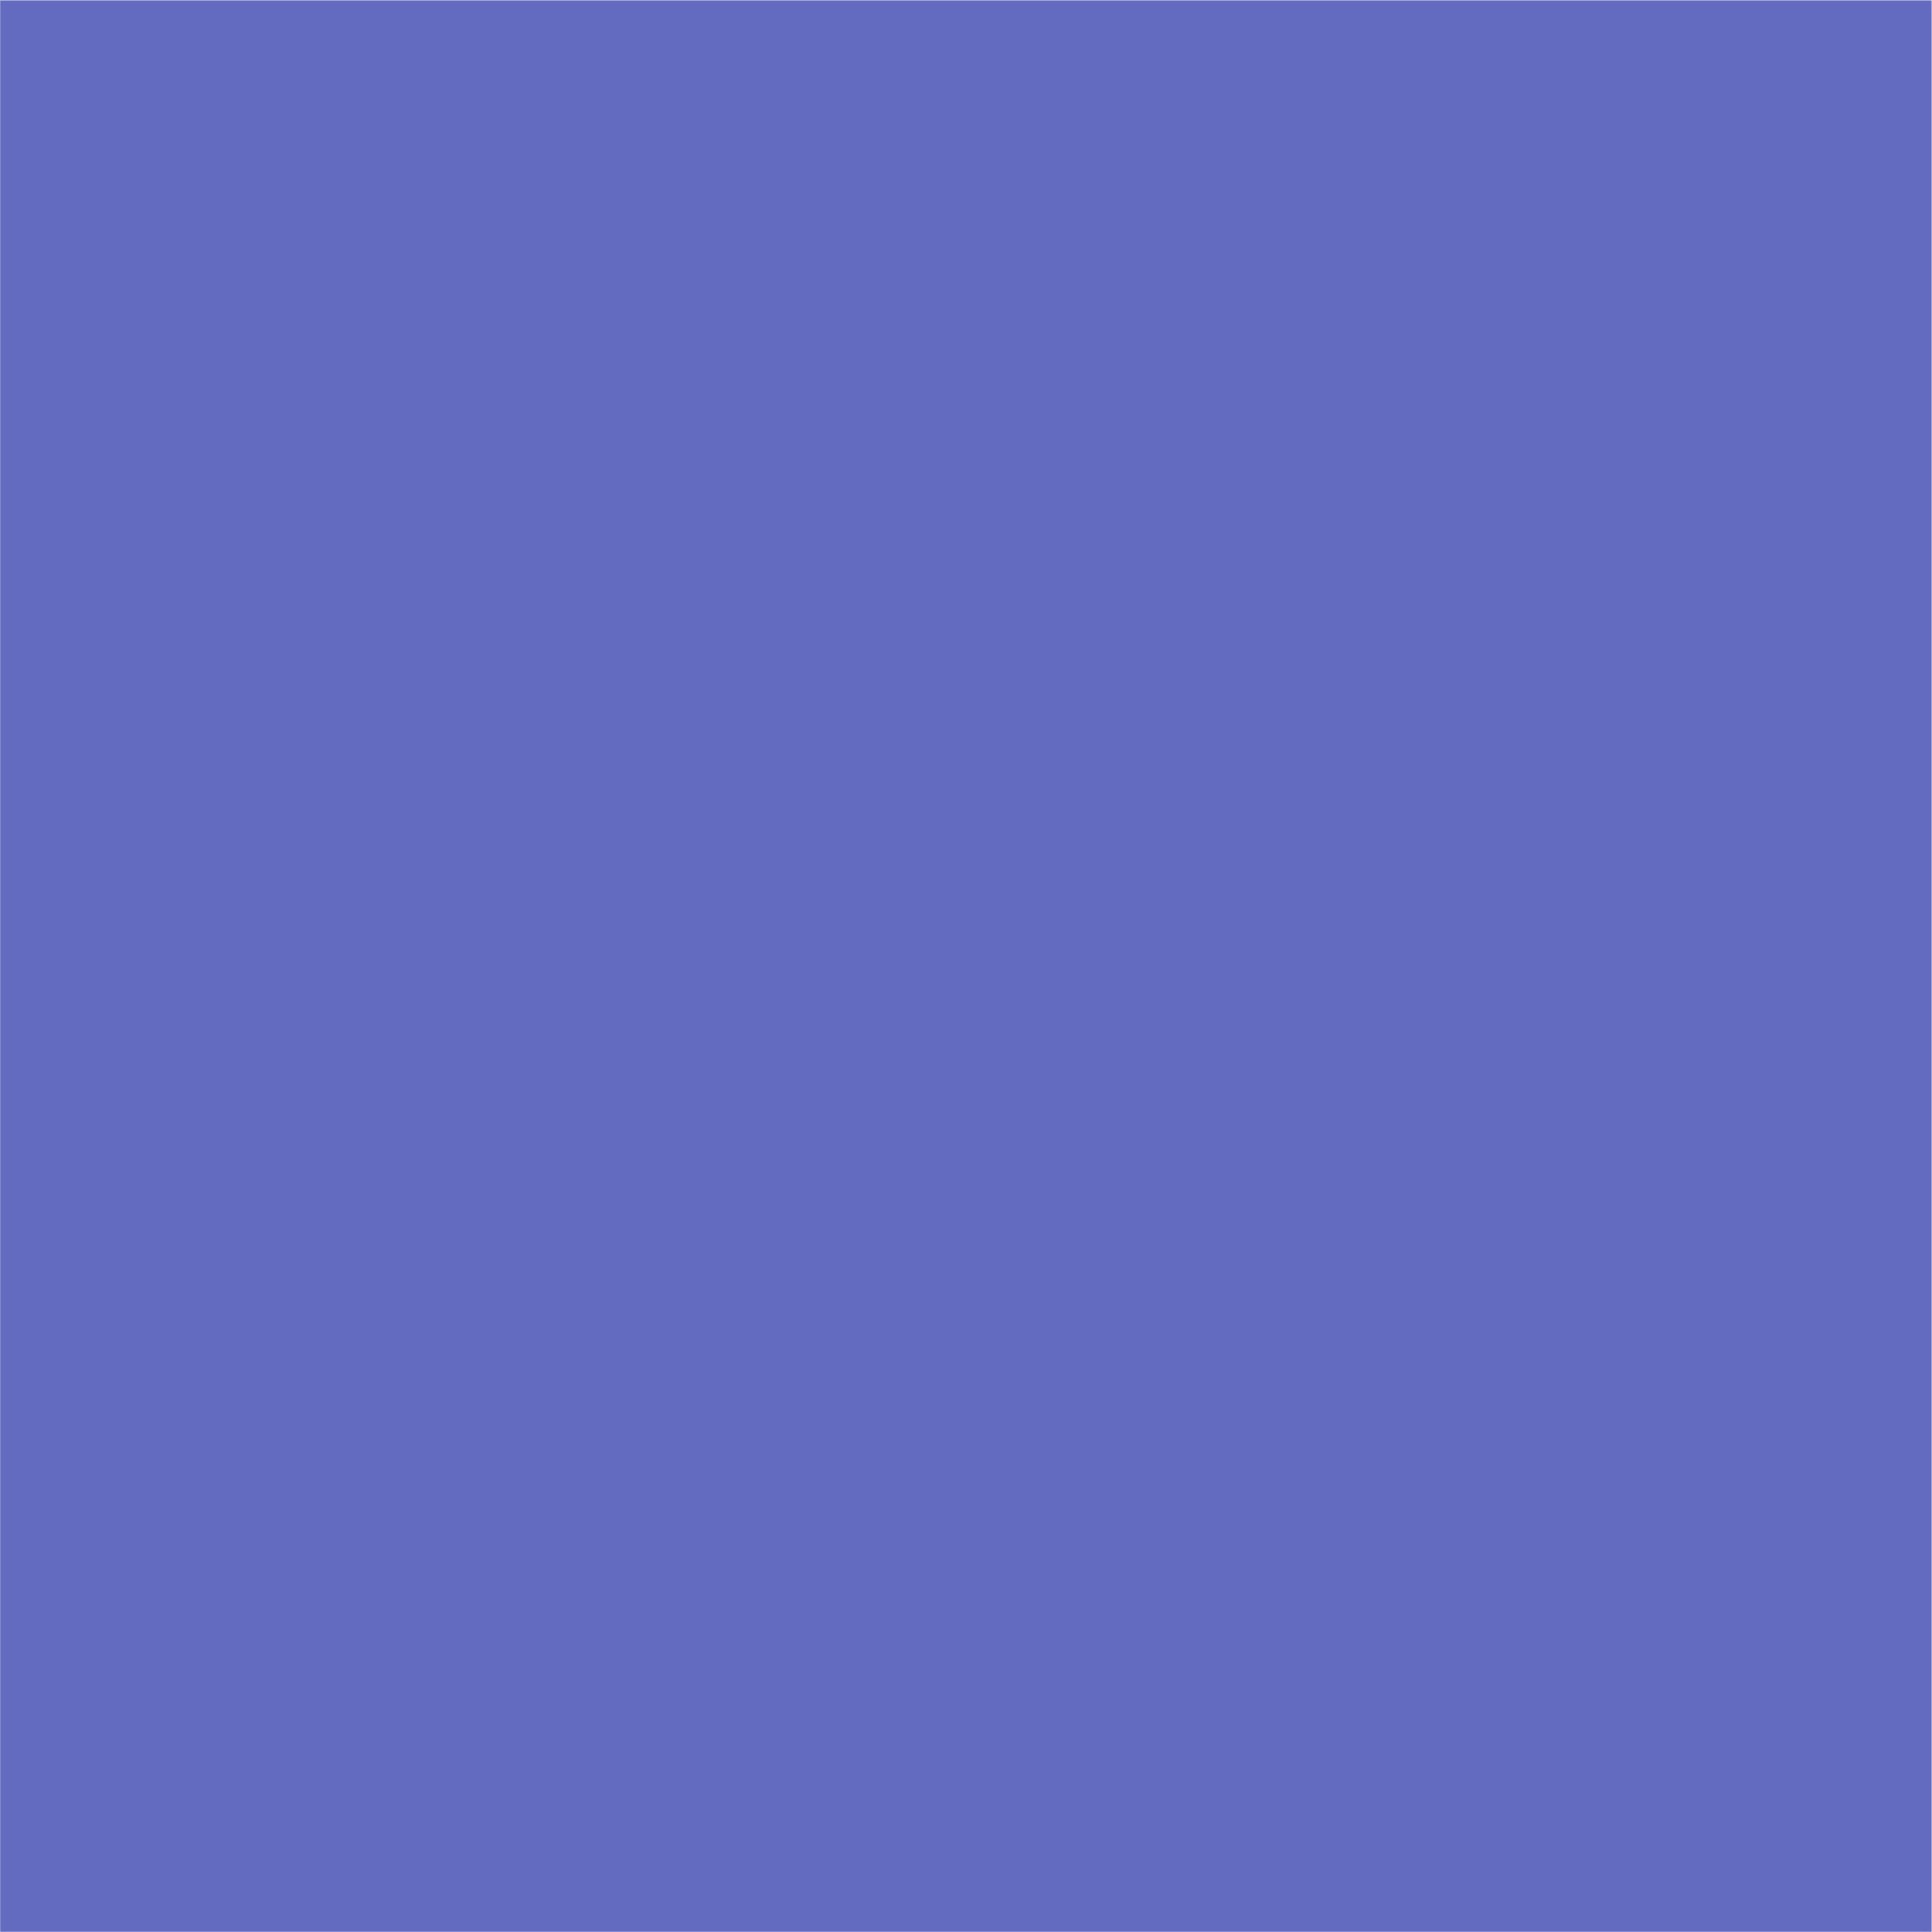 CMYK - 68 61 0 0  RGB - 99 107 193  #636bc1  Pantone 2736U